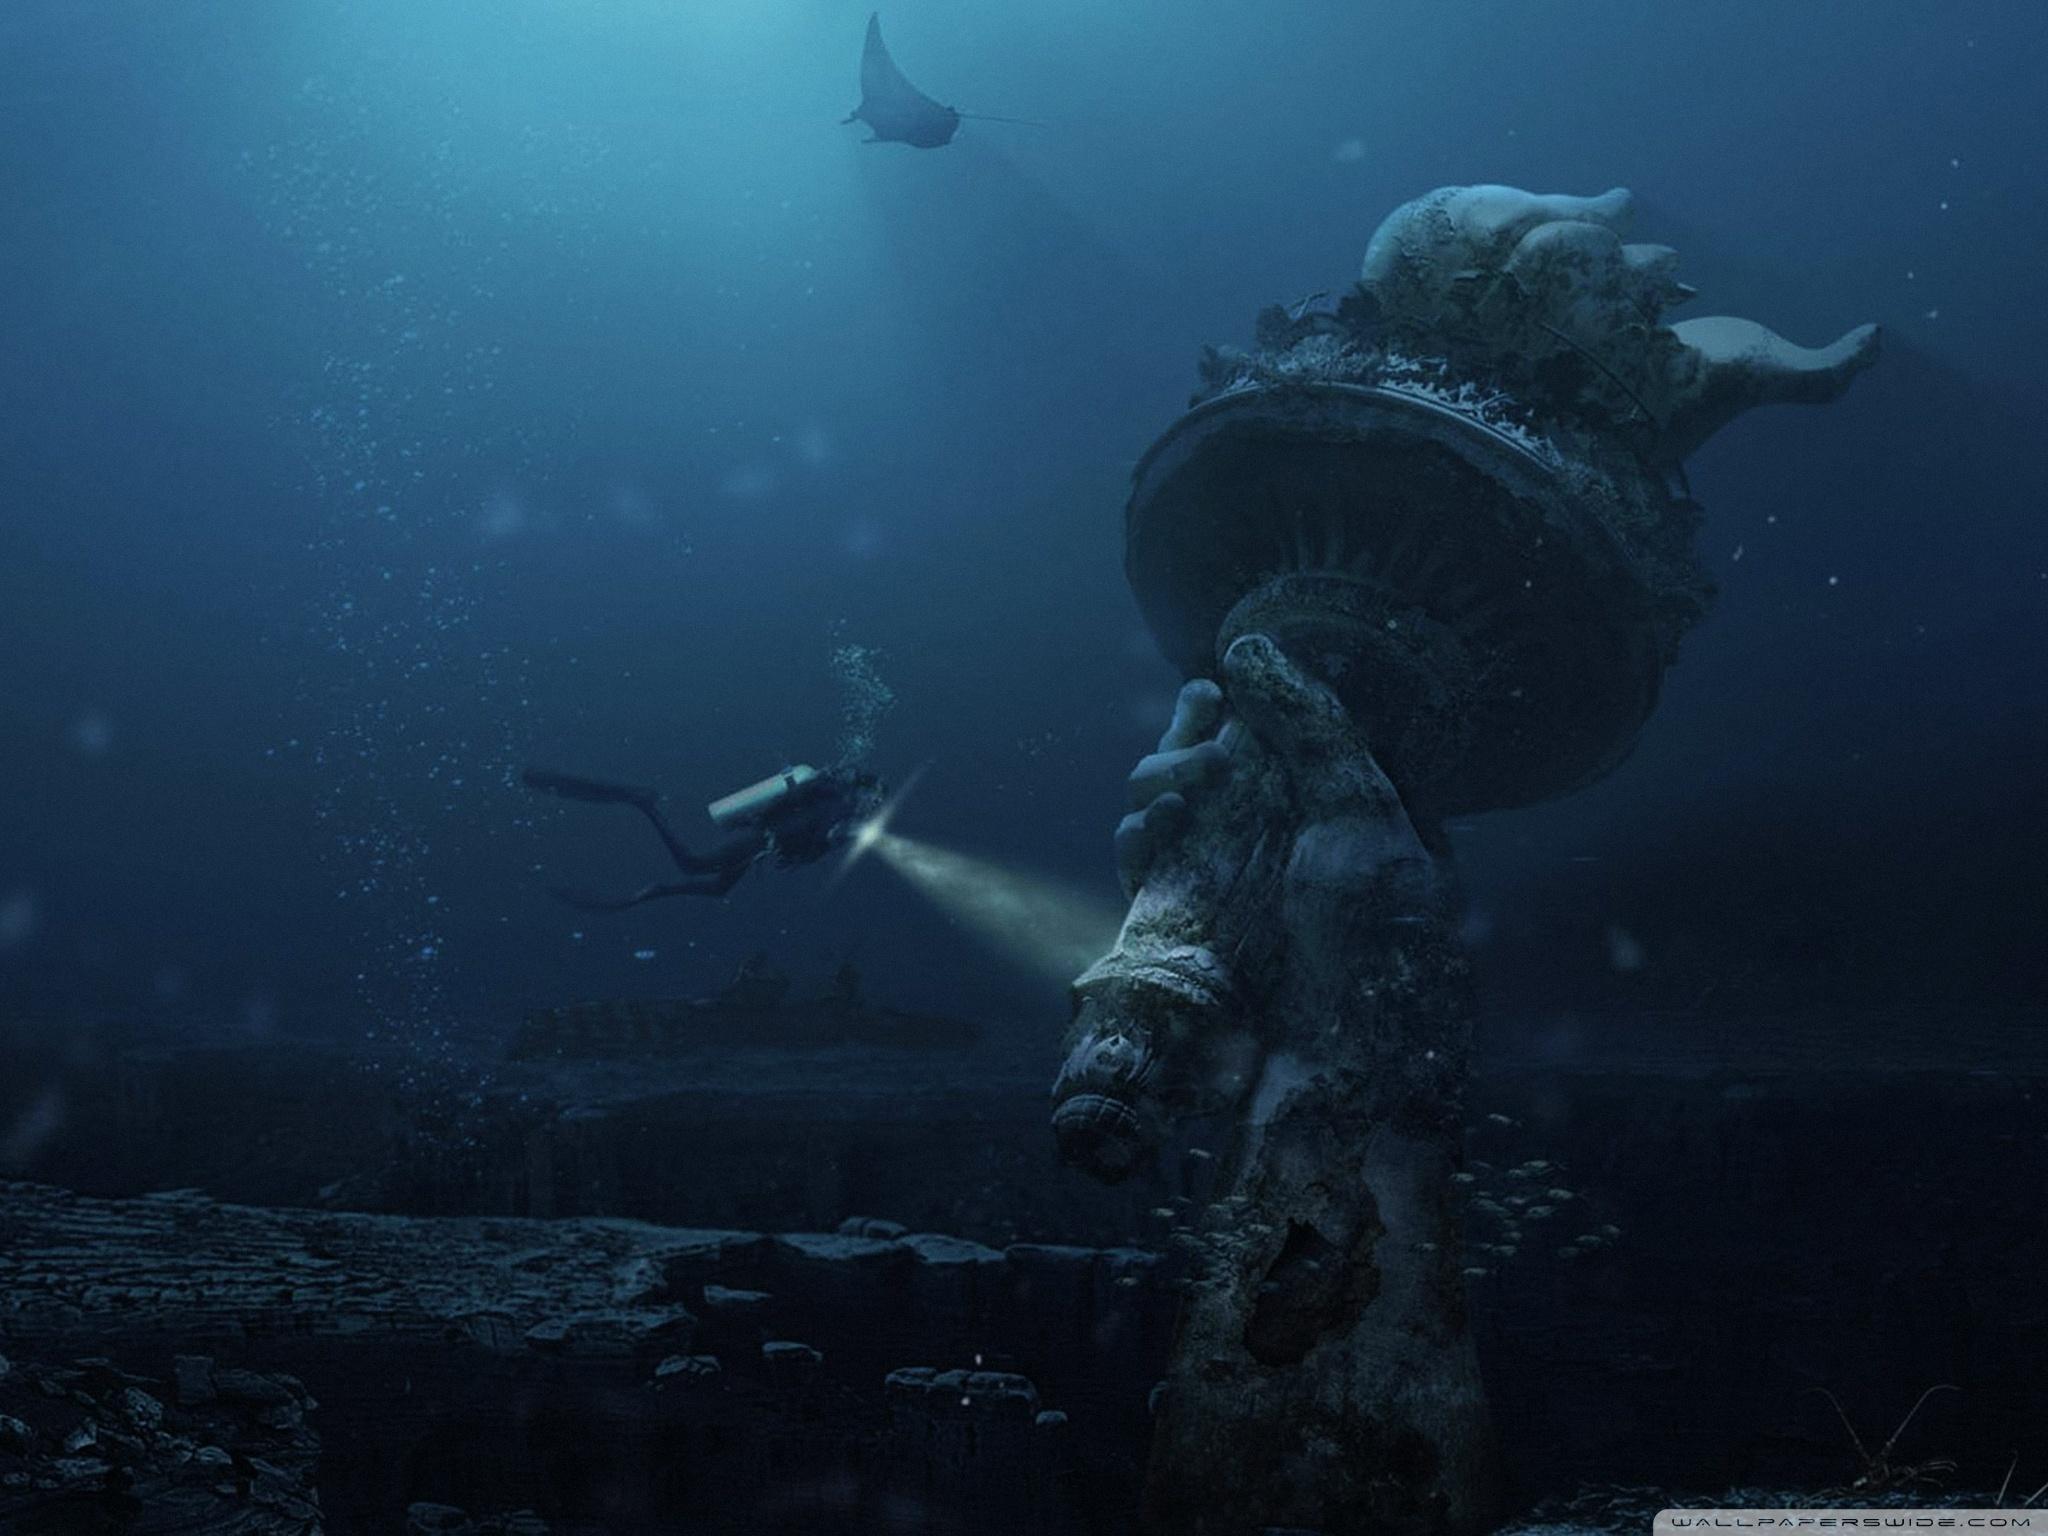 Underwater Ruins 4K HD Desktop Wallpaper for 4K Ultra HD TV 2048x1536